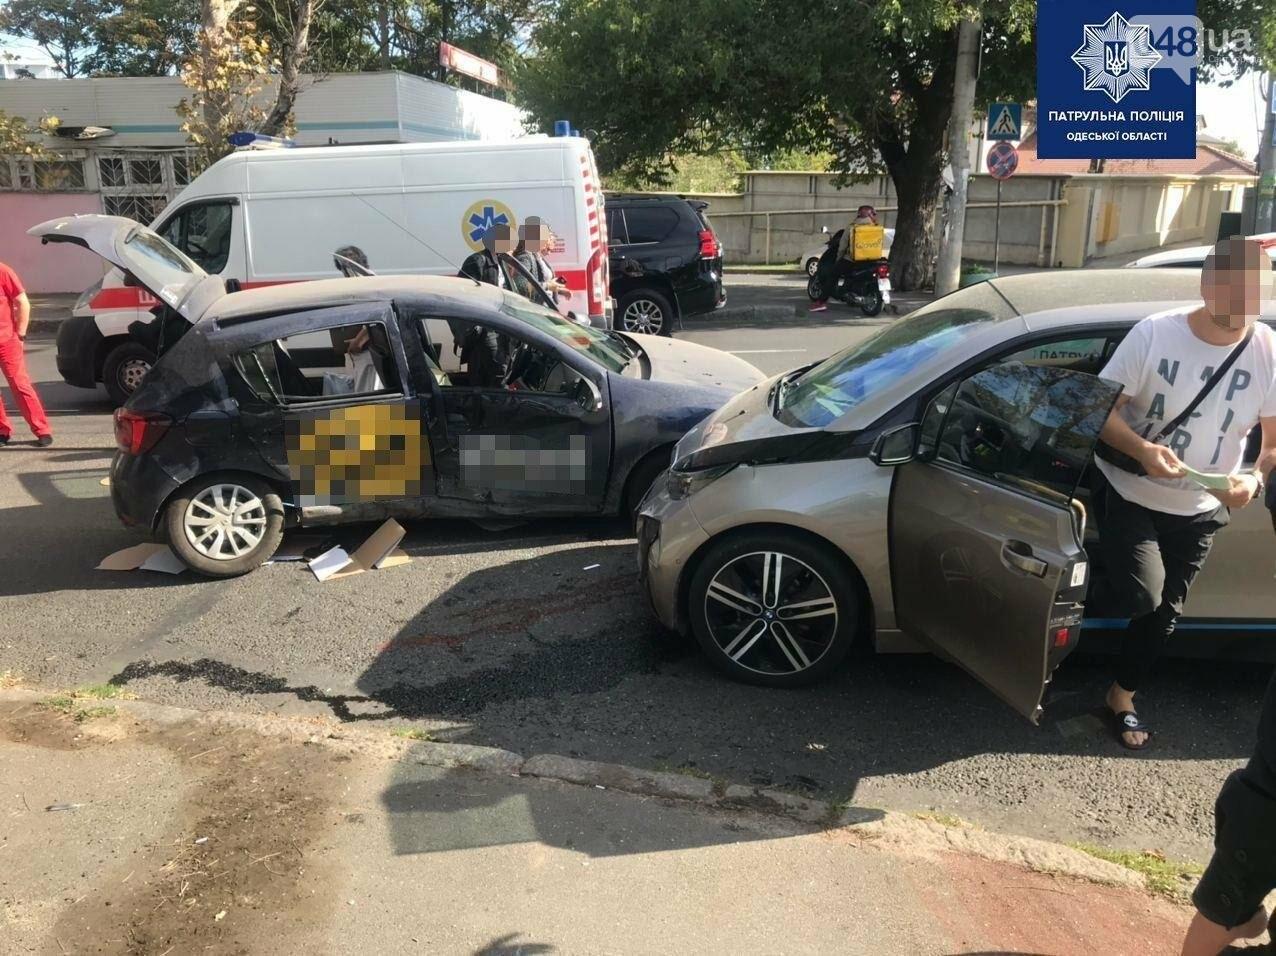 В Приморском районе Одессы ДТП: одна погибшая, двое с травмами, - ФОТО, фото-1